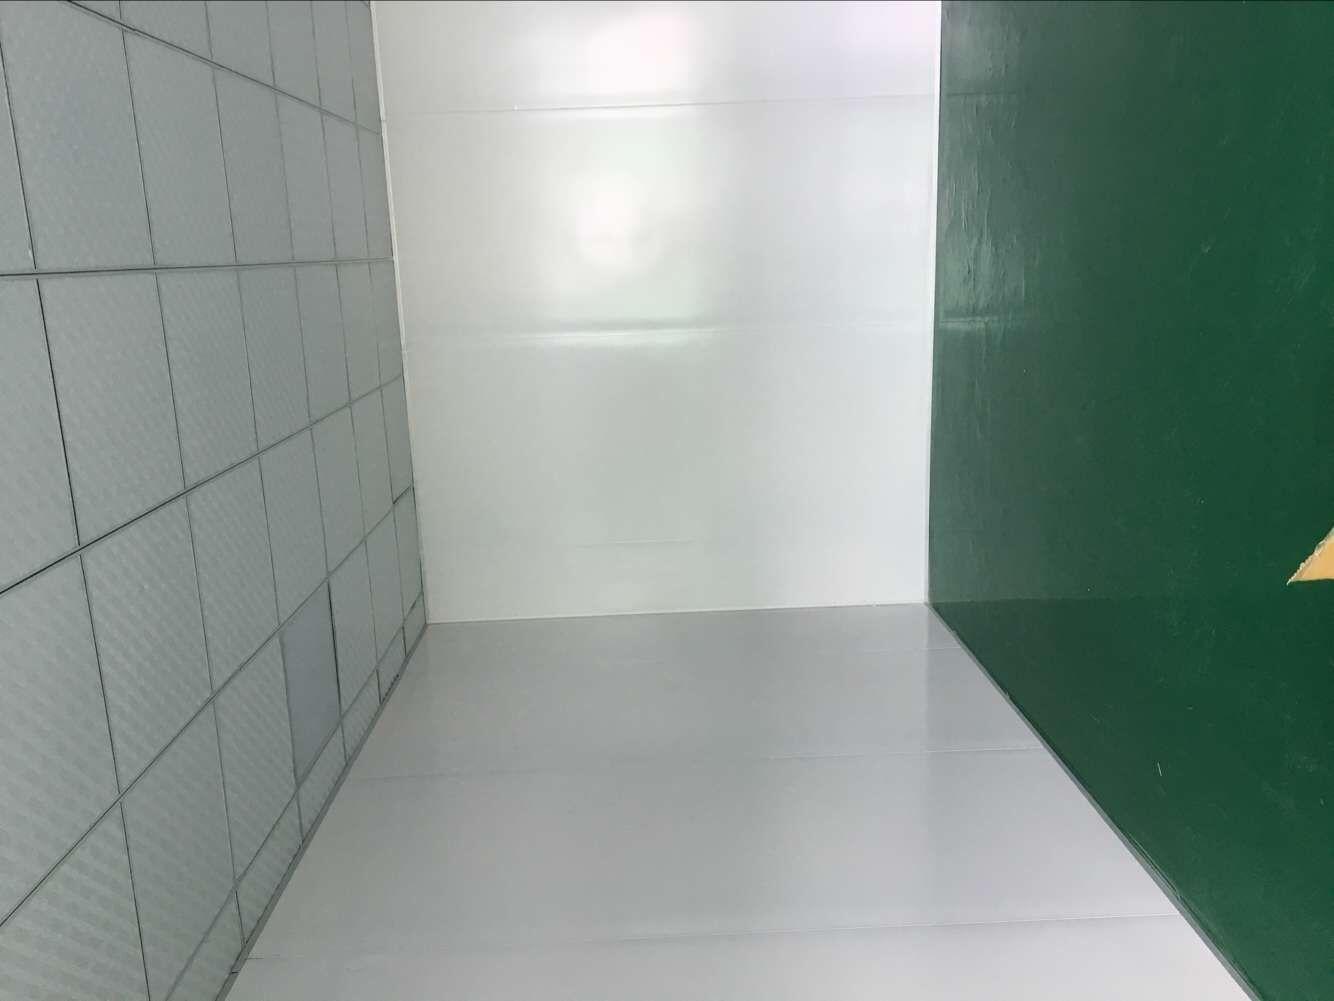 企石镇防火硅岩彩钢板隔墙吊顶 经验丰富